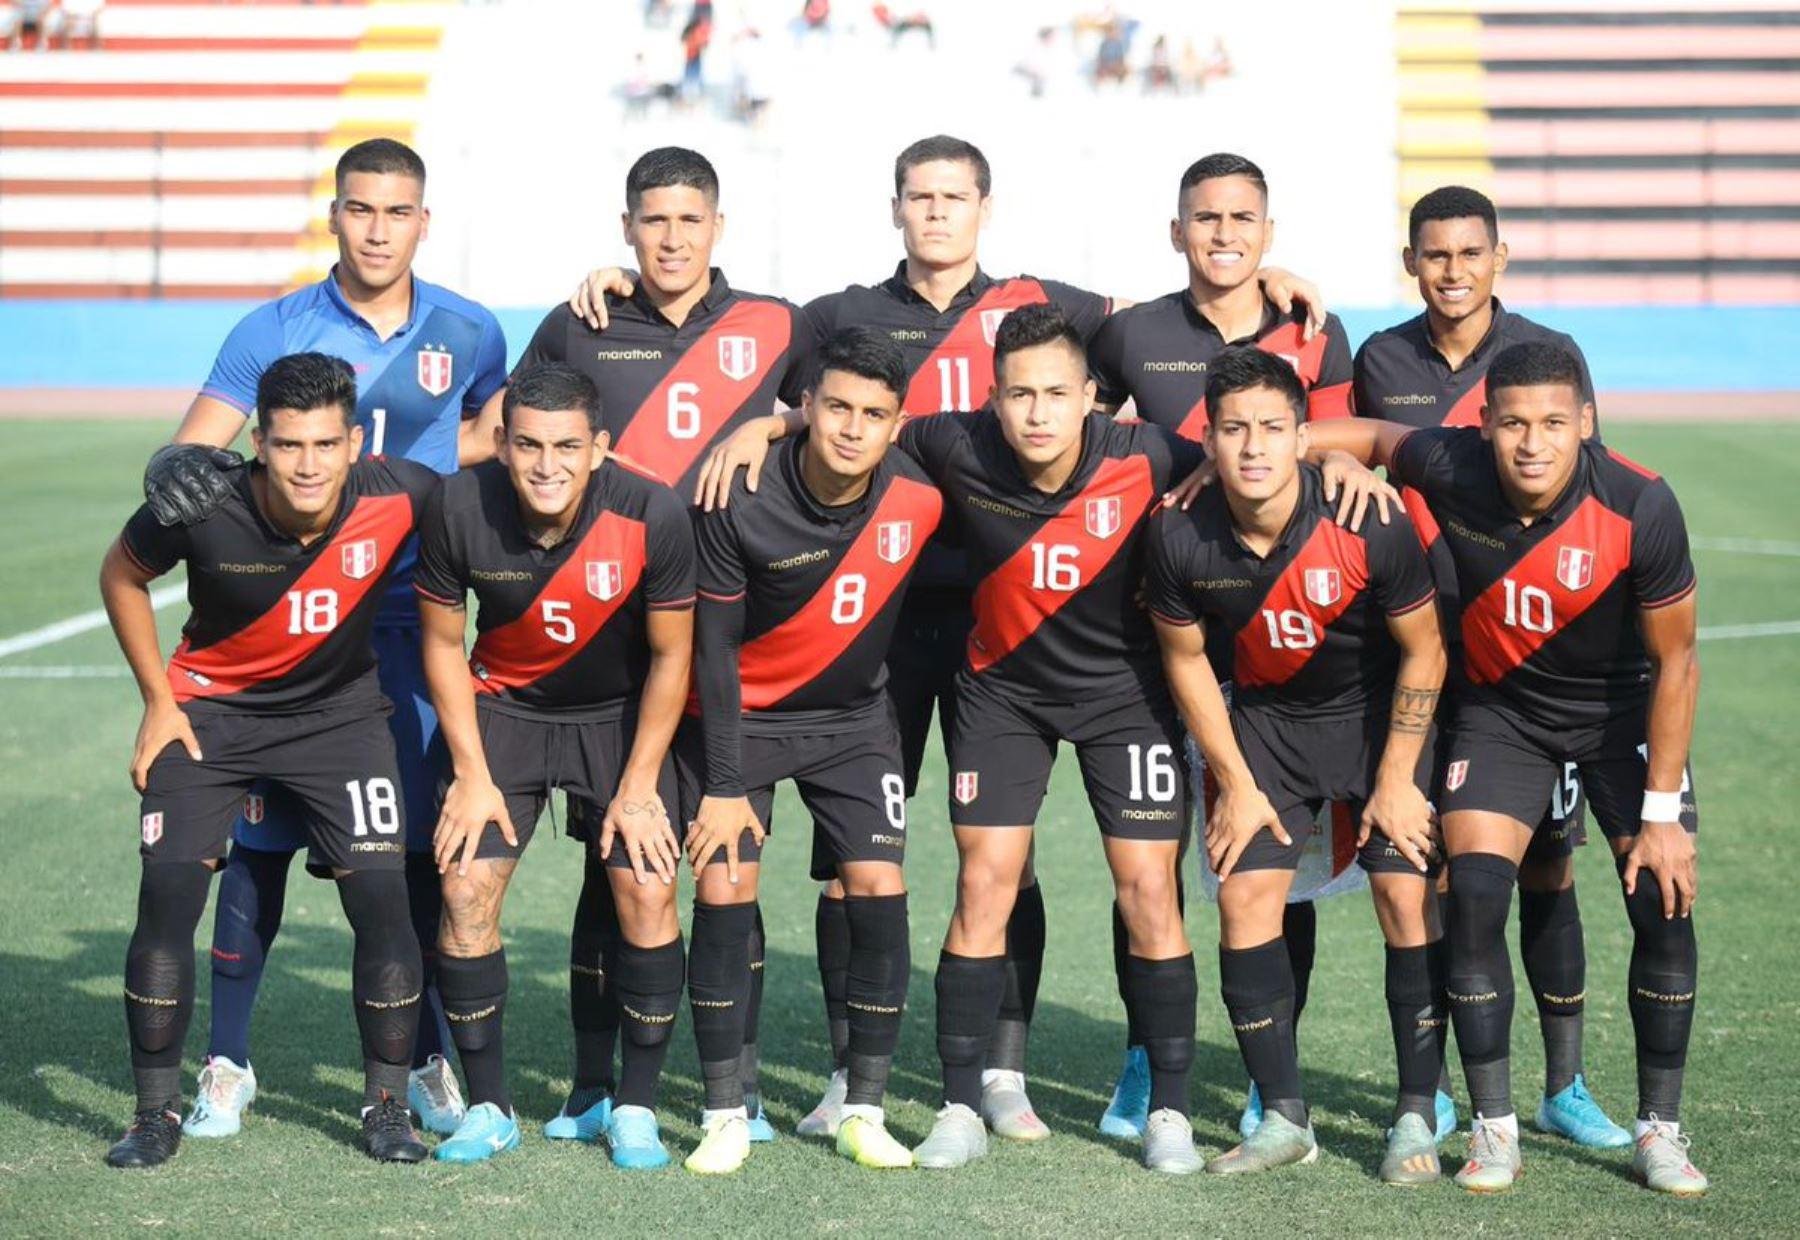 La selección peruana Sub-23 buscará su clasificación a los Juegos Olímpicos Tokio 2020